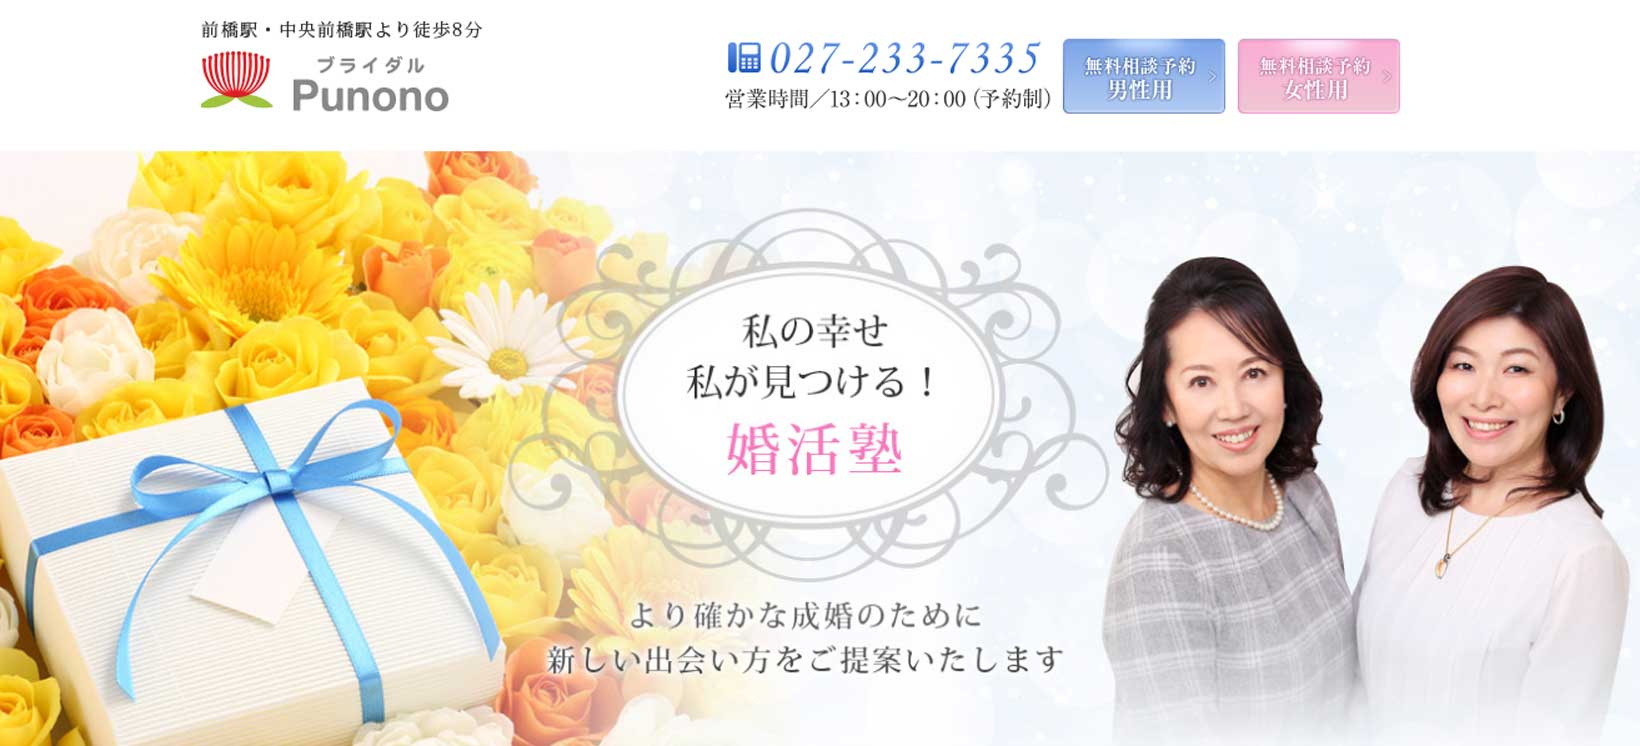 群馬県にある結婚相談所結婚相談所 ブライダルプノノの公式サイト画像